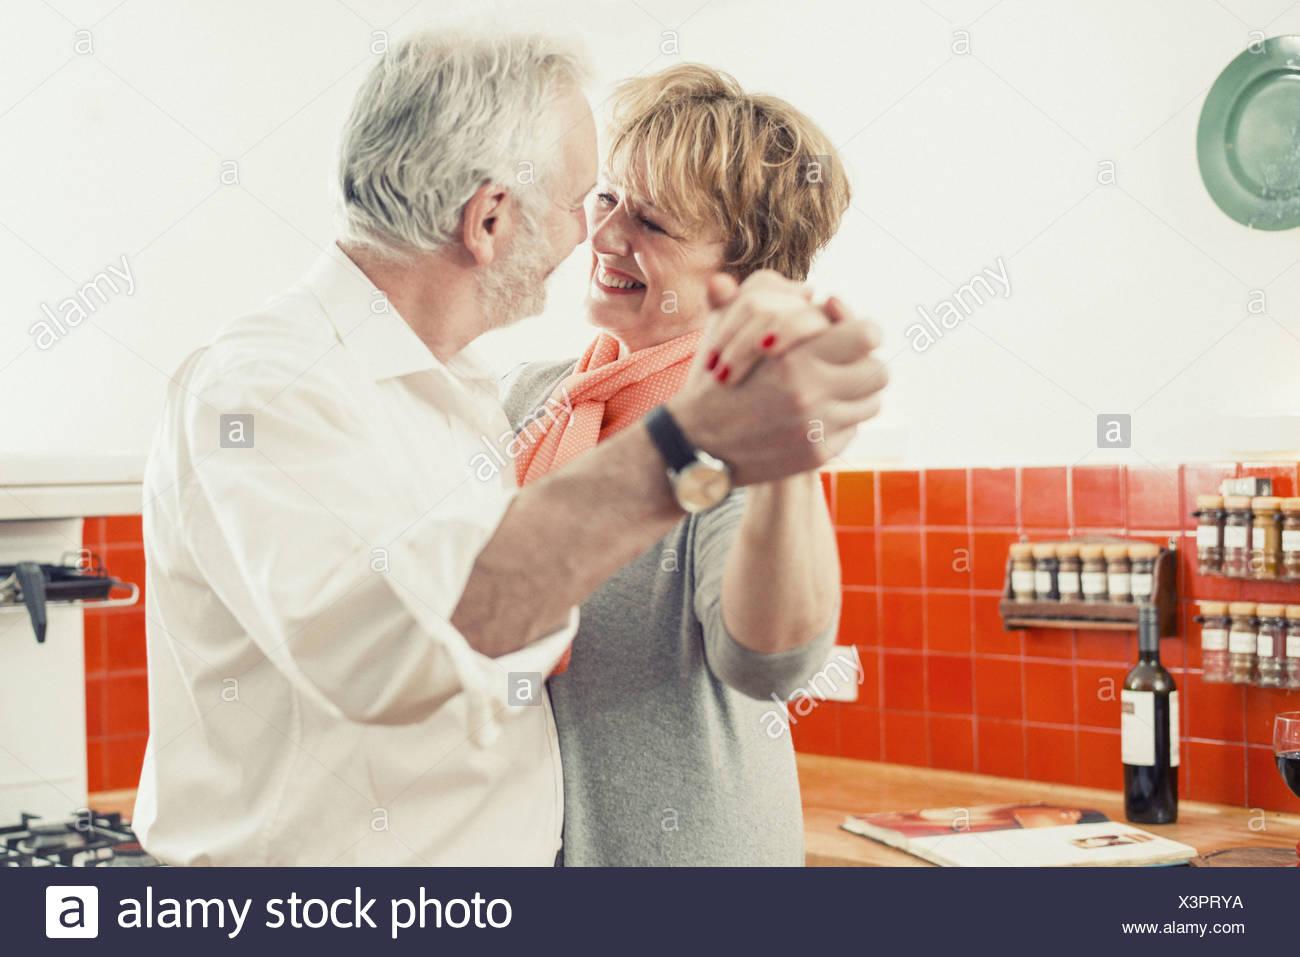 Pareja bailando en la cocina Imagen De Stock